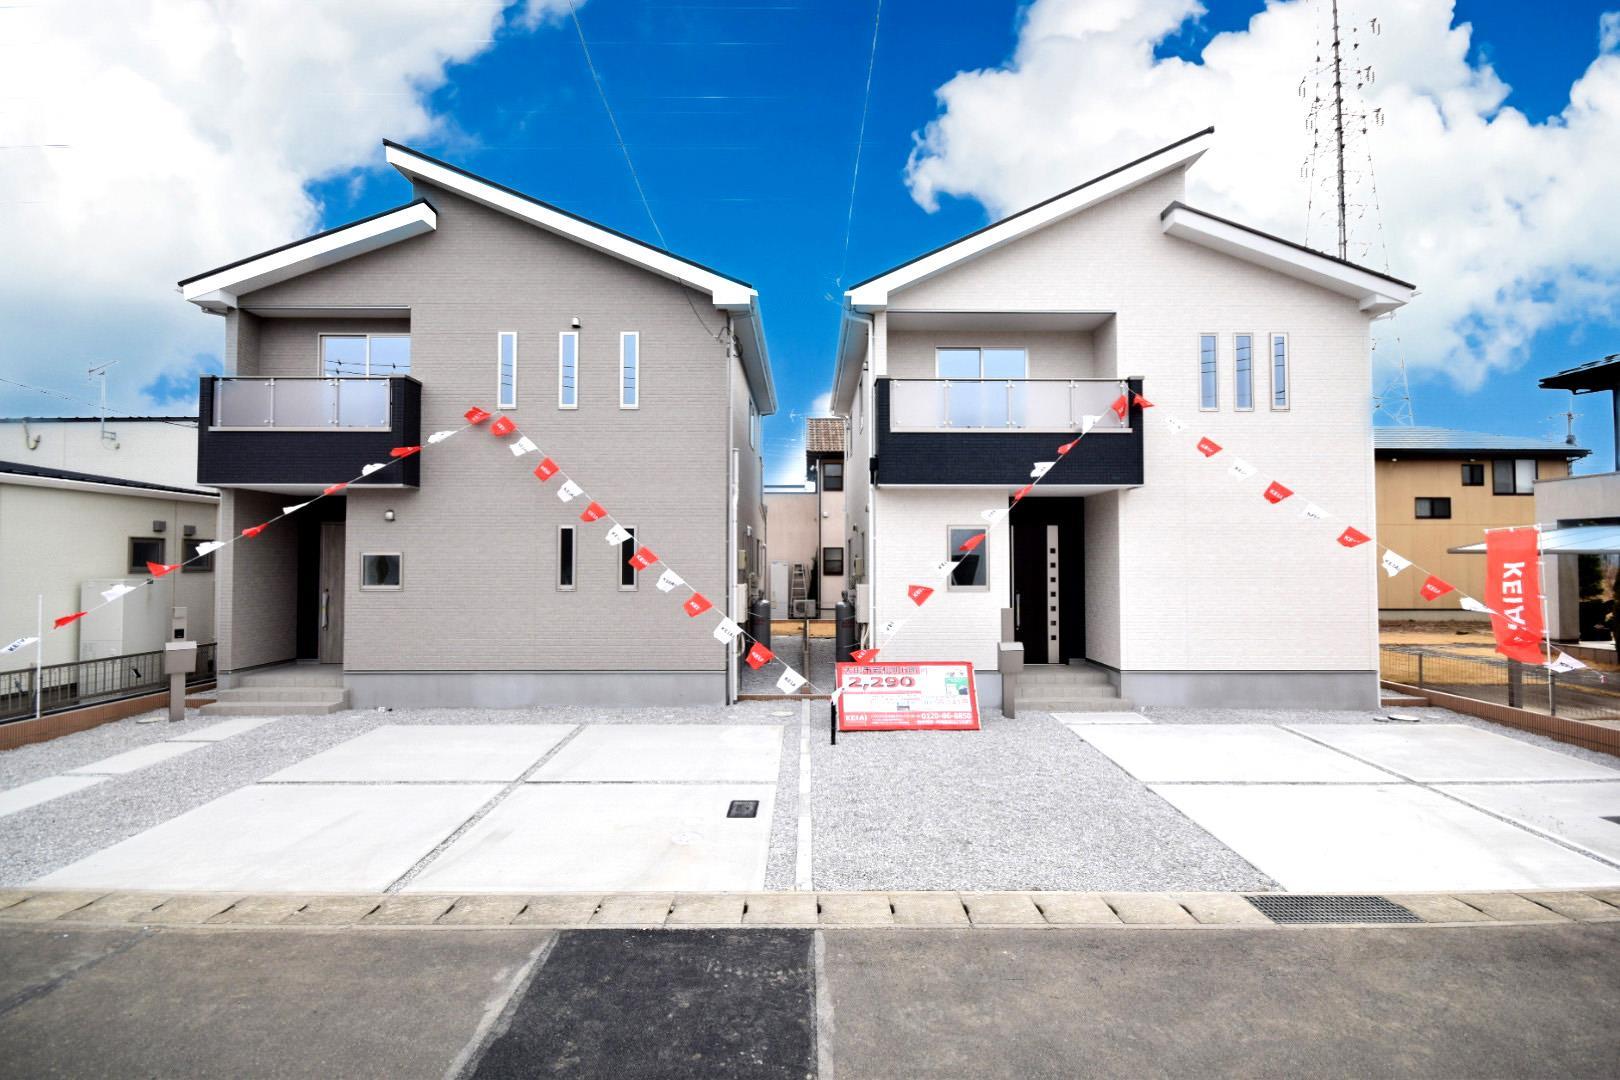 新デザイン「Zut PLUS」岩松町に新登場!いつでも内覧可能です。ぜひ、お問い合わせください!